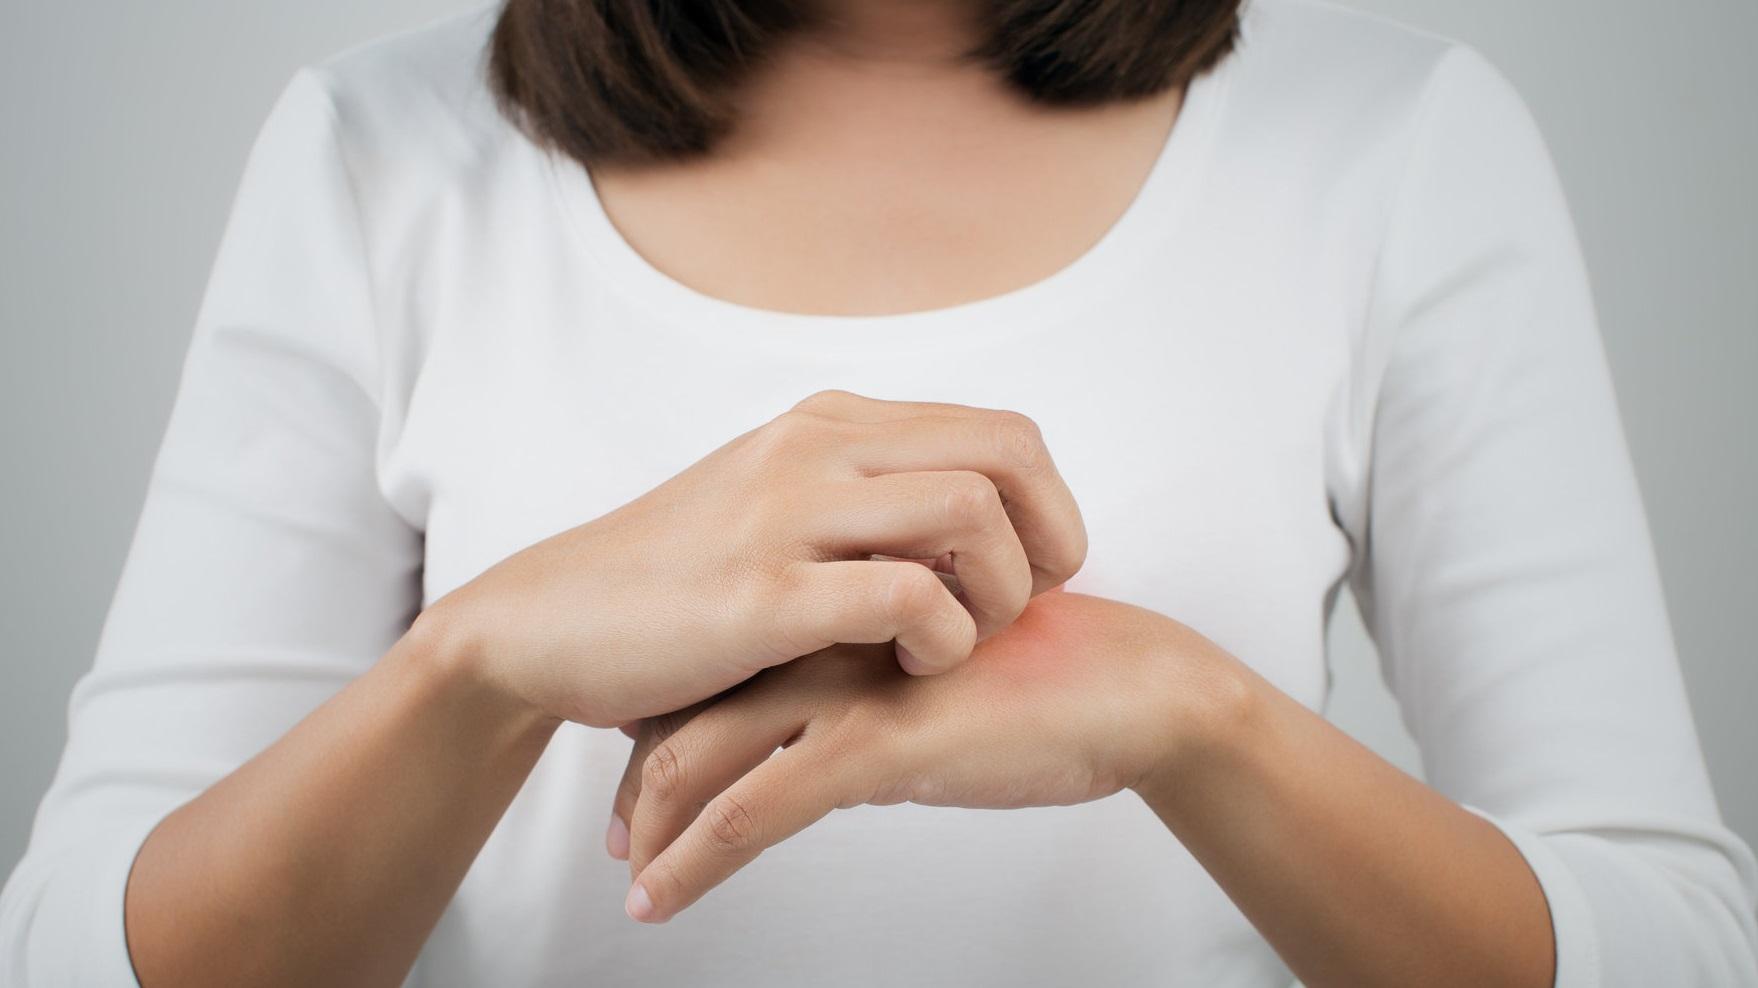 Аллергия на комариные укусы: симптомы и методы лечения